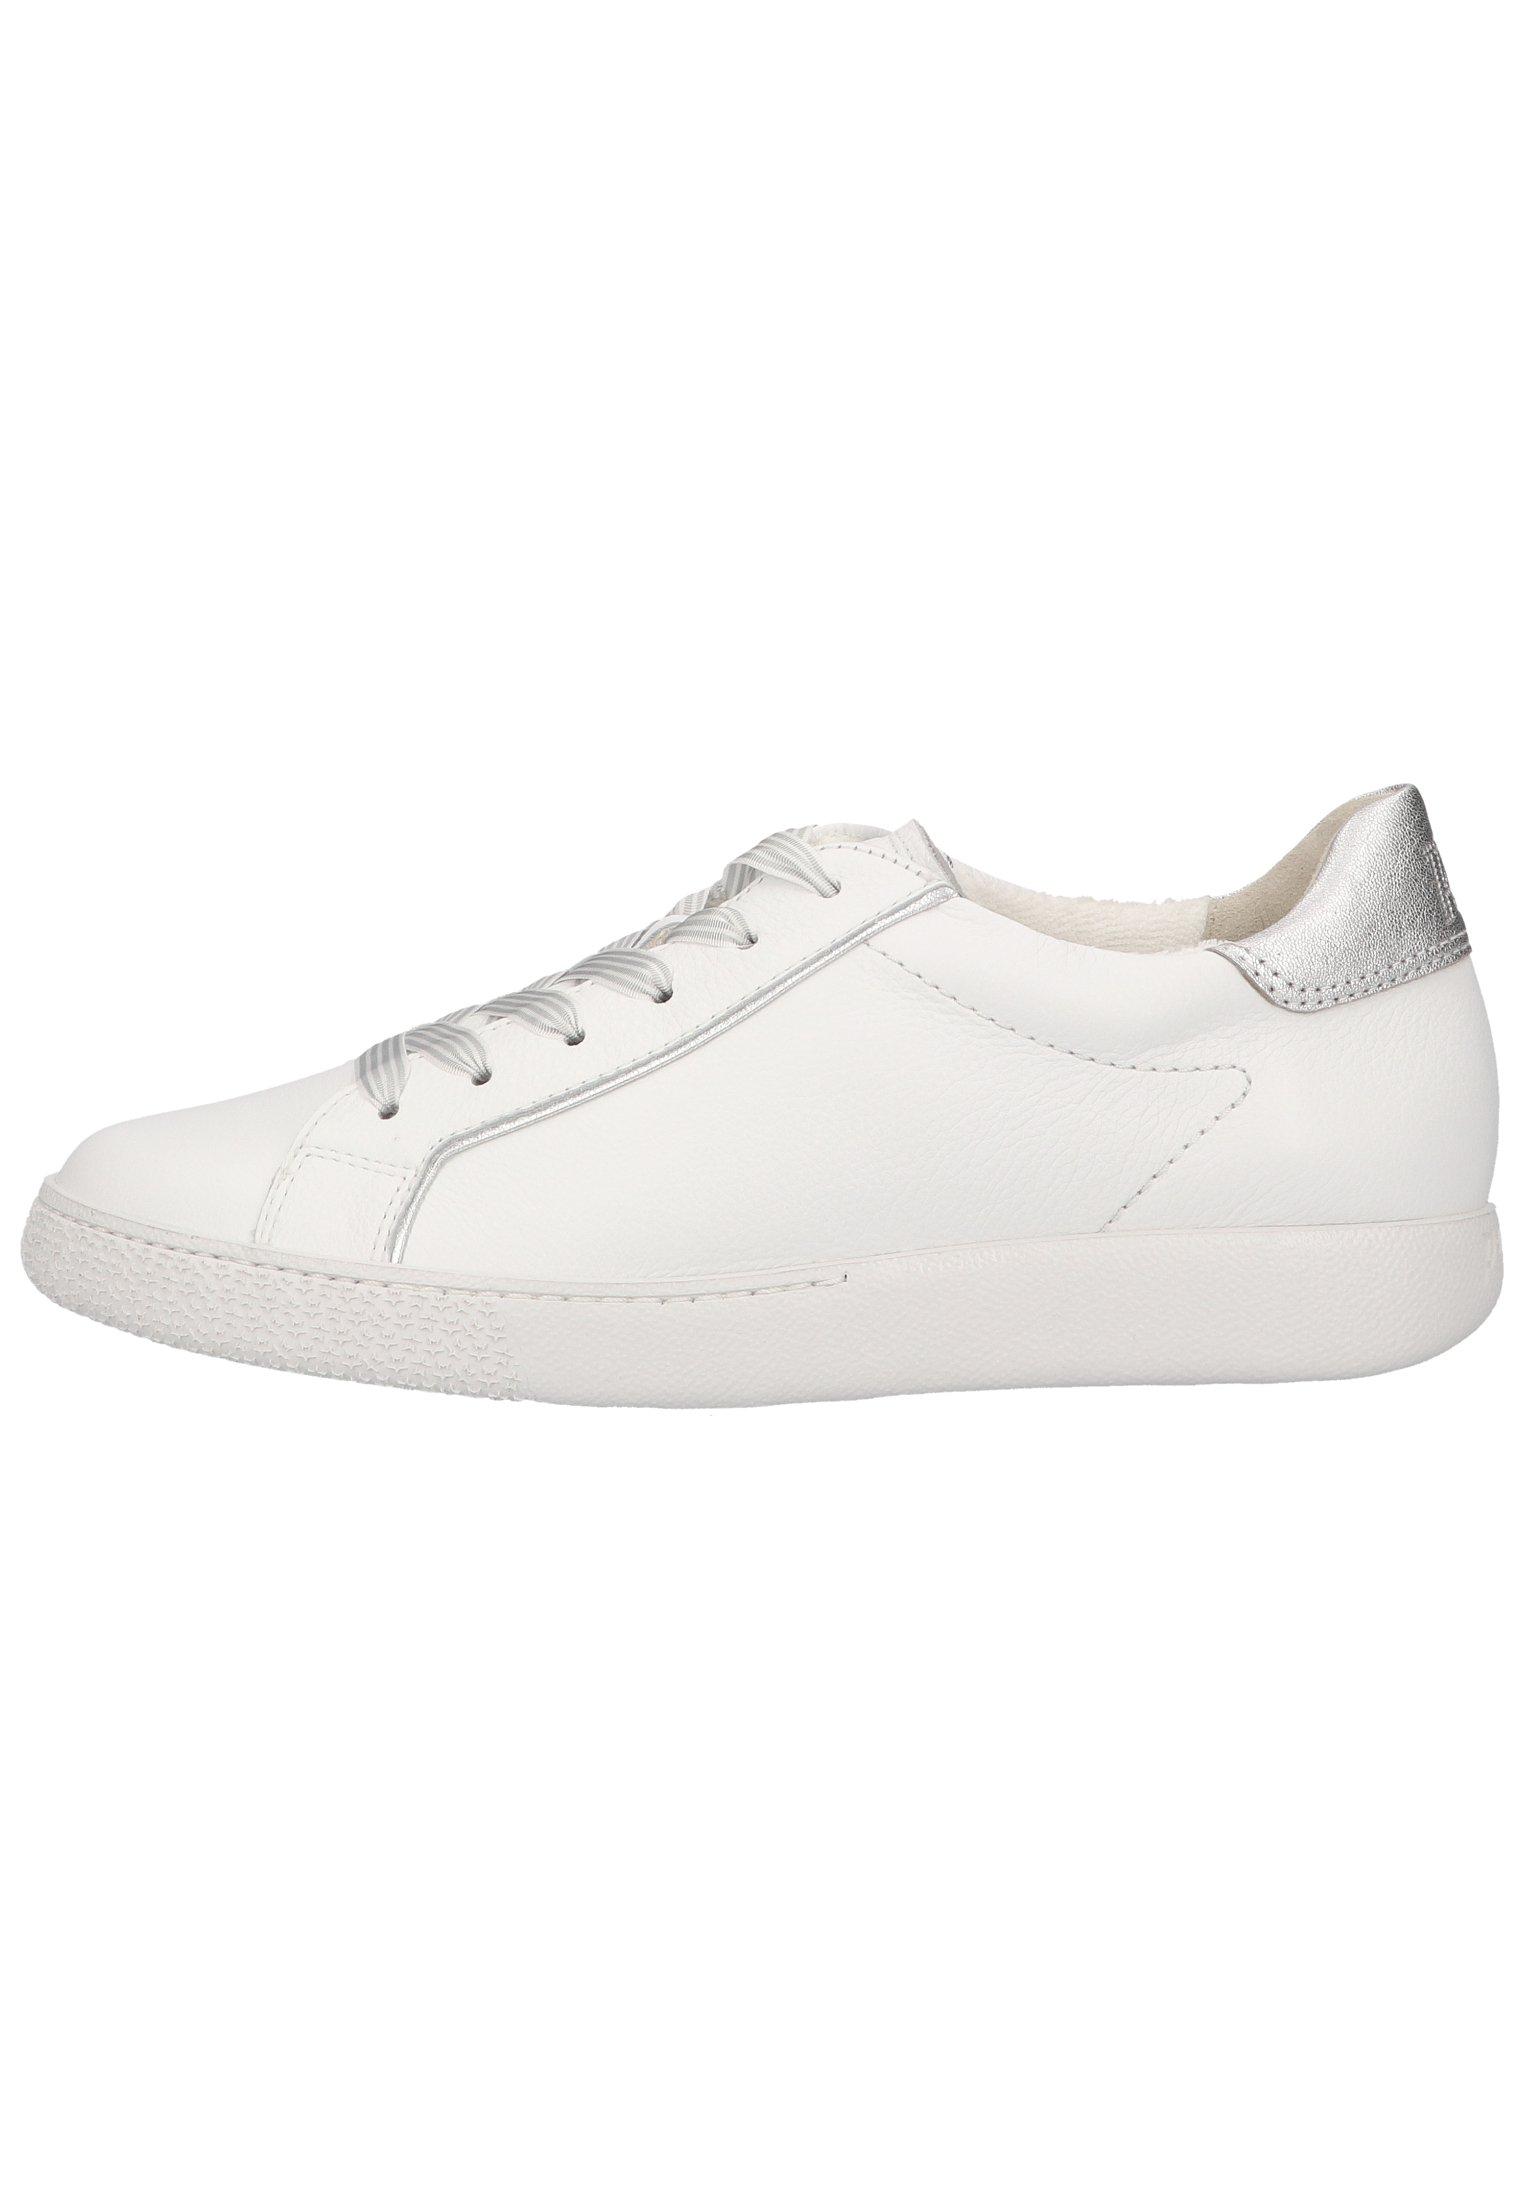 Femme Baskets basses - weiß/silber